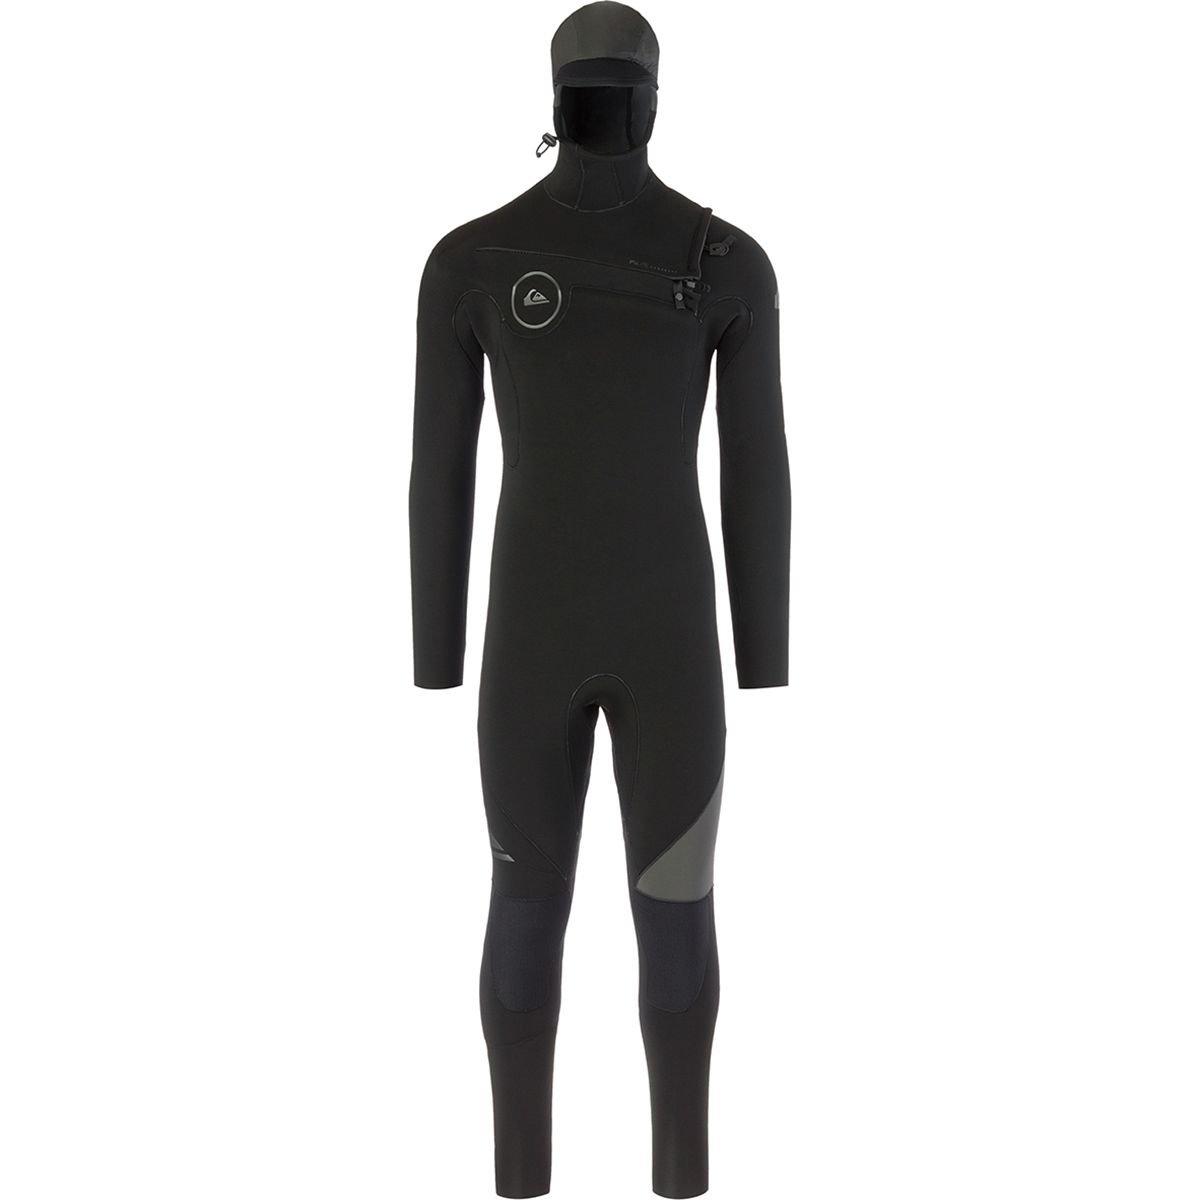 【タイムセール!】 Quiksilver Mens 5/4 Black/3 Syncro Series Cz Hd Medium Gbs Hd Black Jet Black Full Wetsuit Size Medium B01NBV5BB8, カカヂチョウ:855ca166 --- diesel-motor.pl